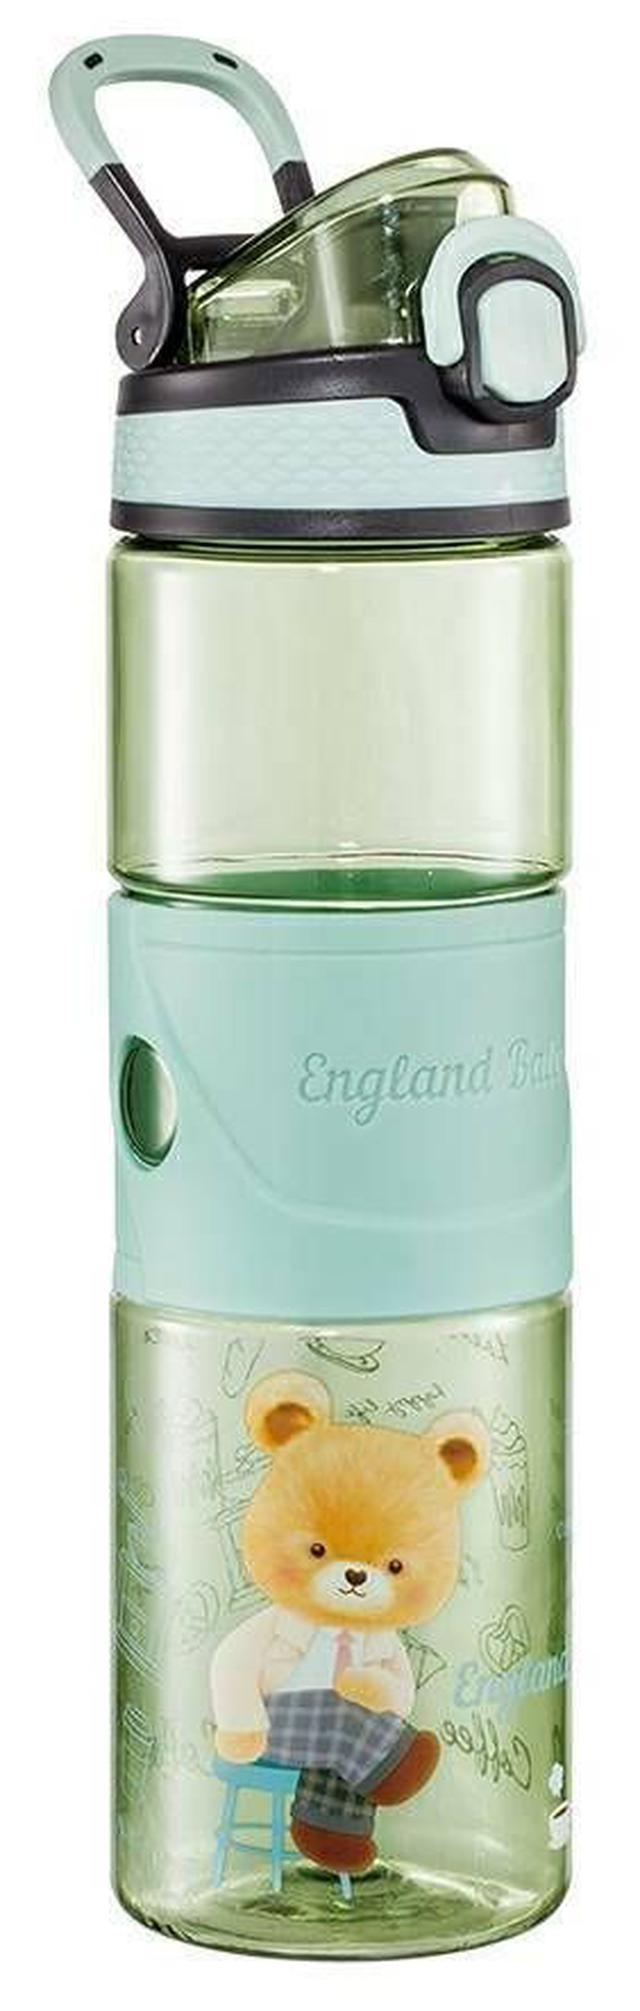 英國貝爾熊手提健康瓶730ml(預購)